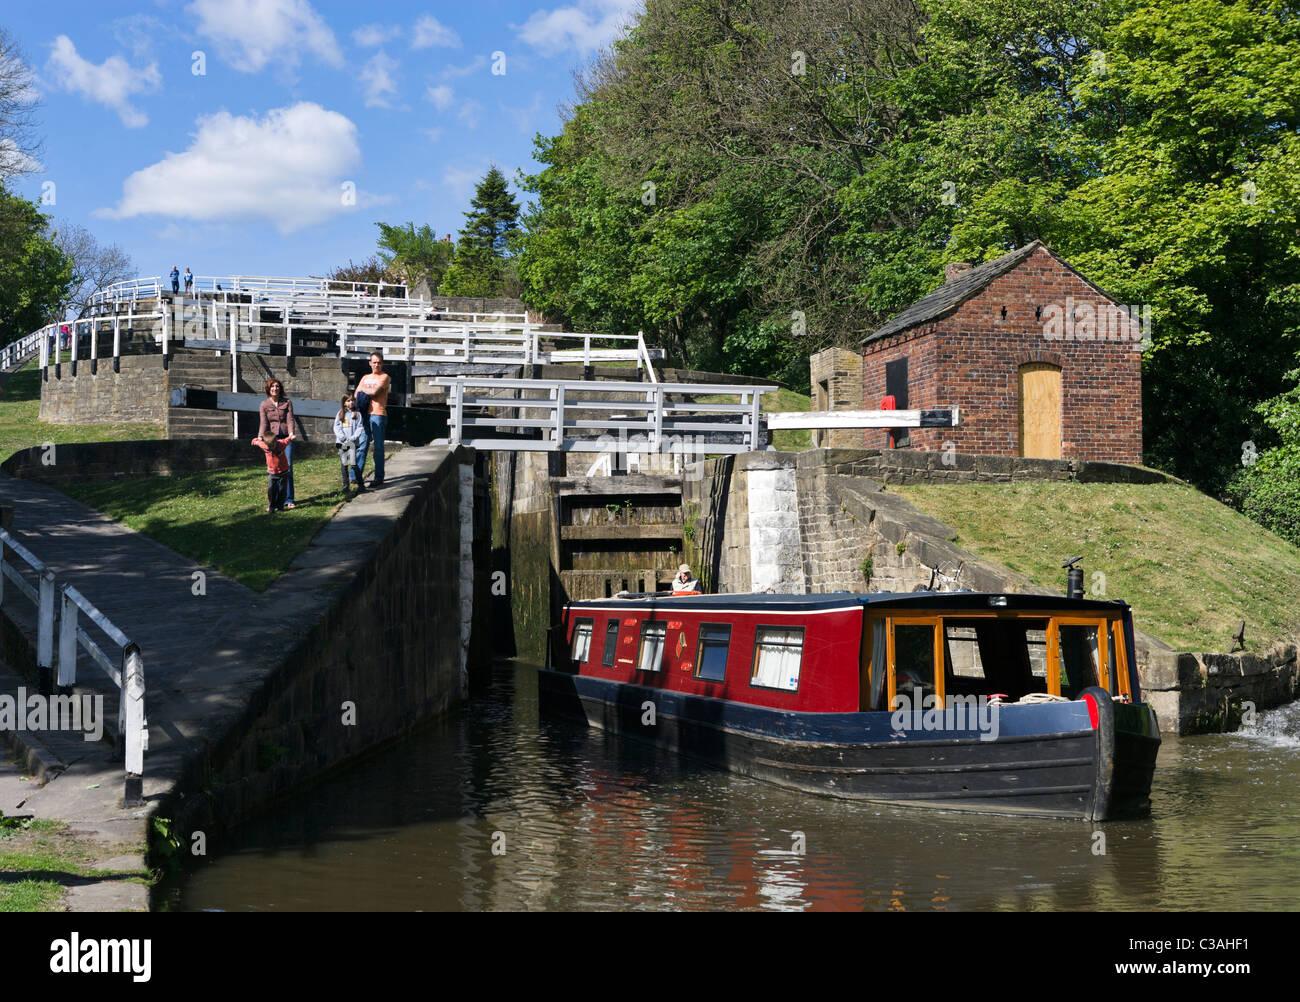 Narrowboat verlassen die letzten fünf steigen sperrt auf Leeds und Liverpool Canal, Bingley, West Yorkshire, Großbritannien Stockfoto